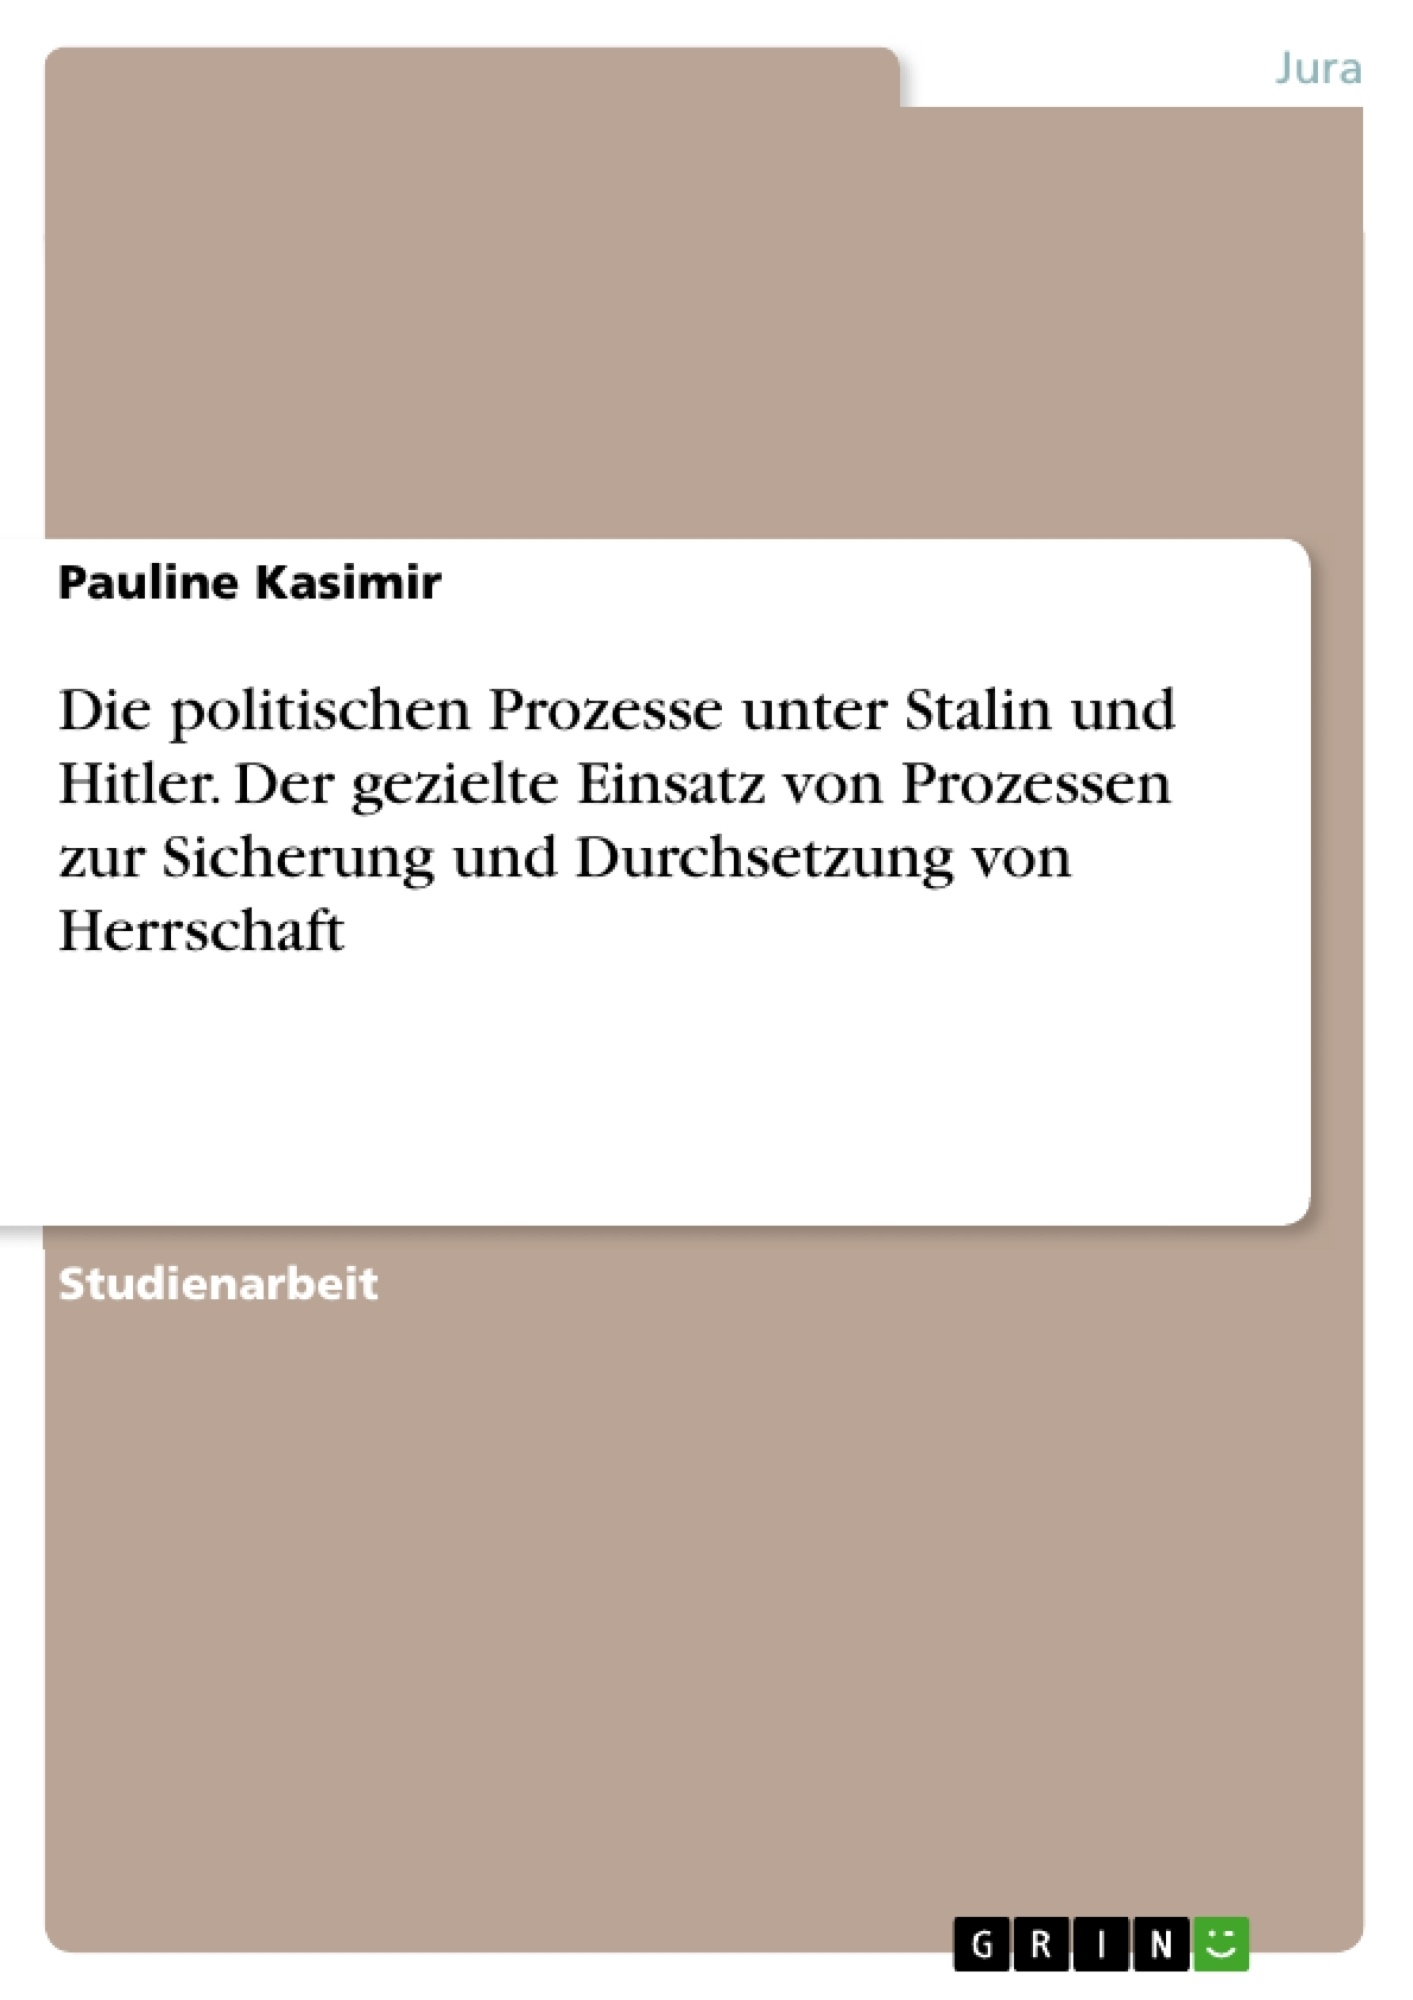 Titel: Die politischen Prozesse unter Stalin und Hitler. Der gezielte Einsatz von Prozessen zur Sicherung und Durchsetzung von Herrschaft